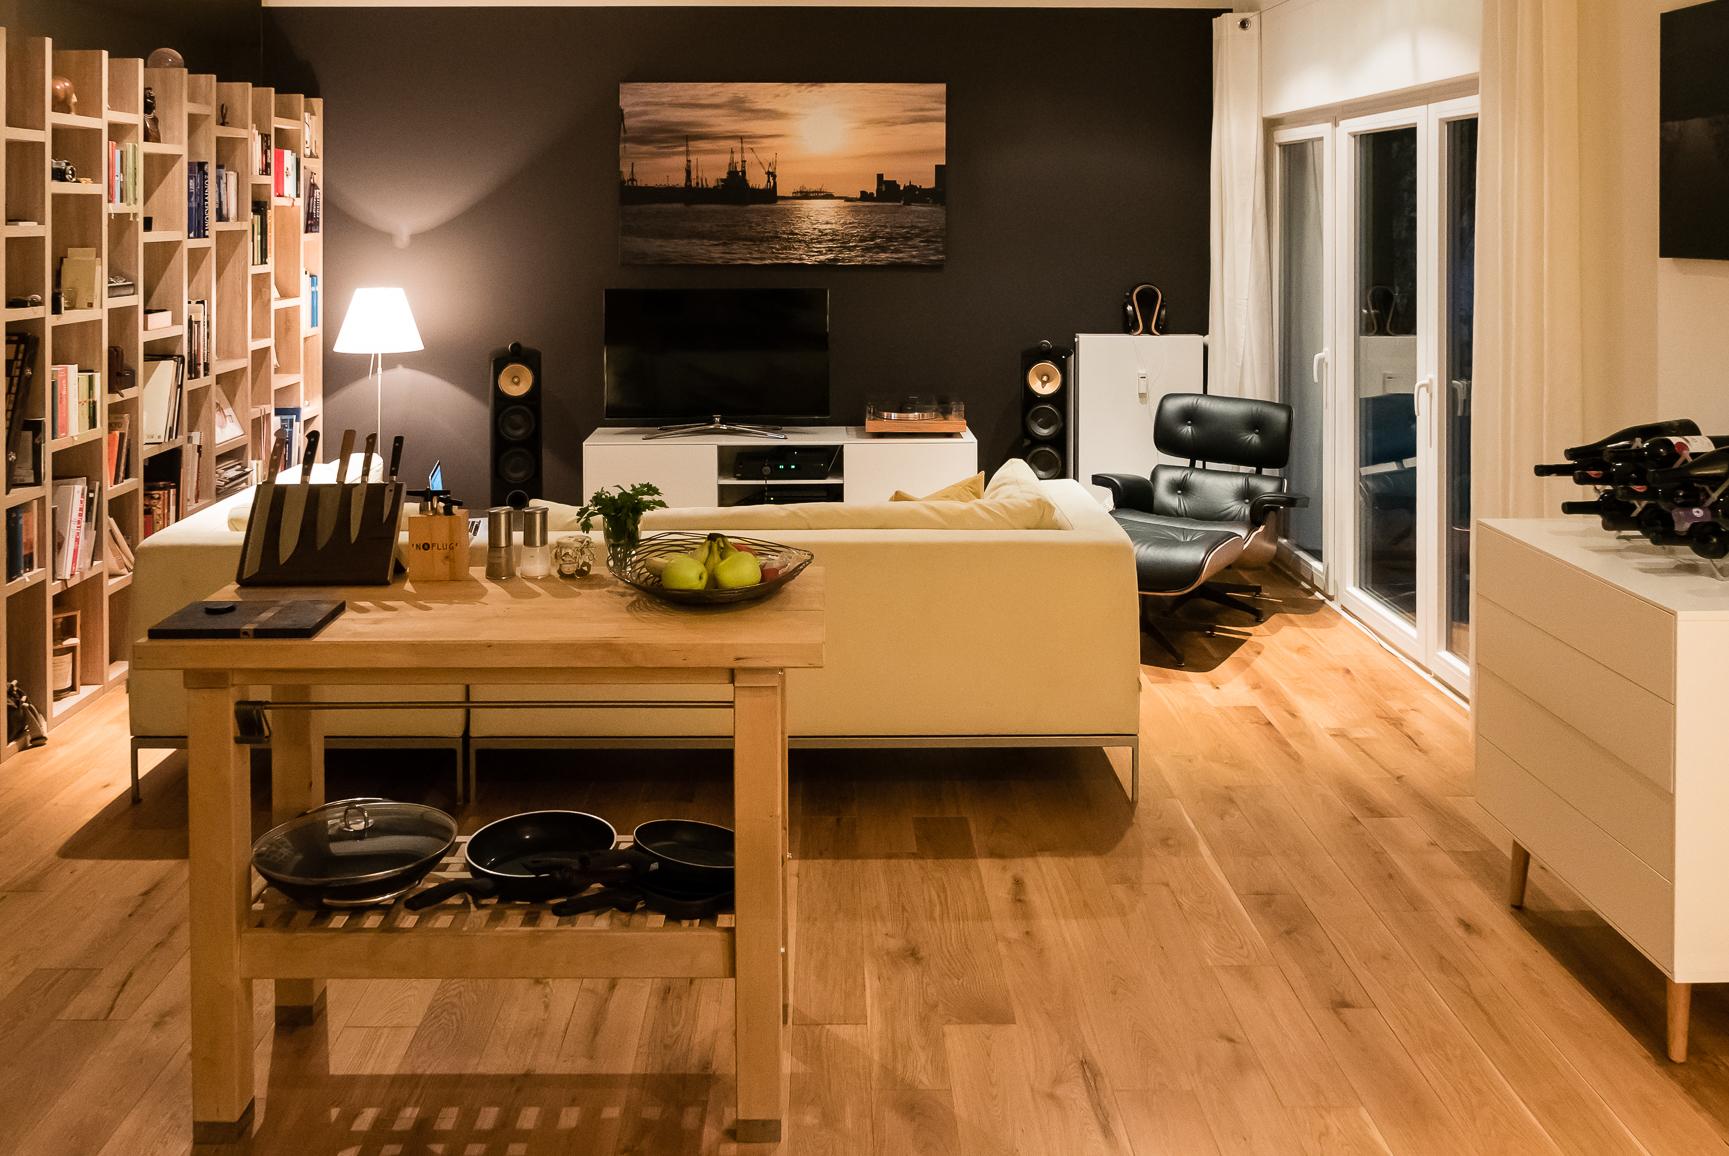 Durchreiche Küche Wohnzimmer Modern: Esszimmer Durchreiche